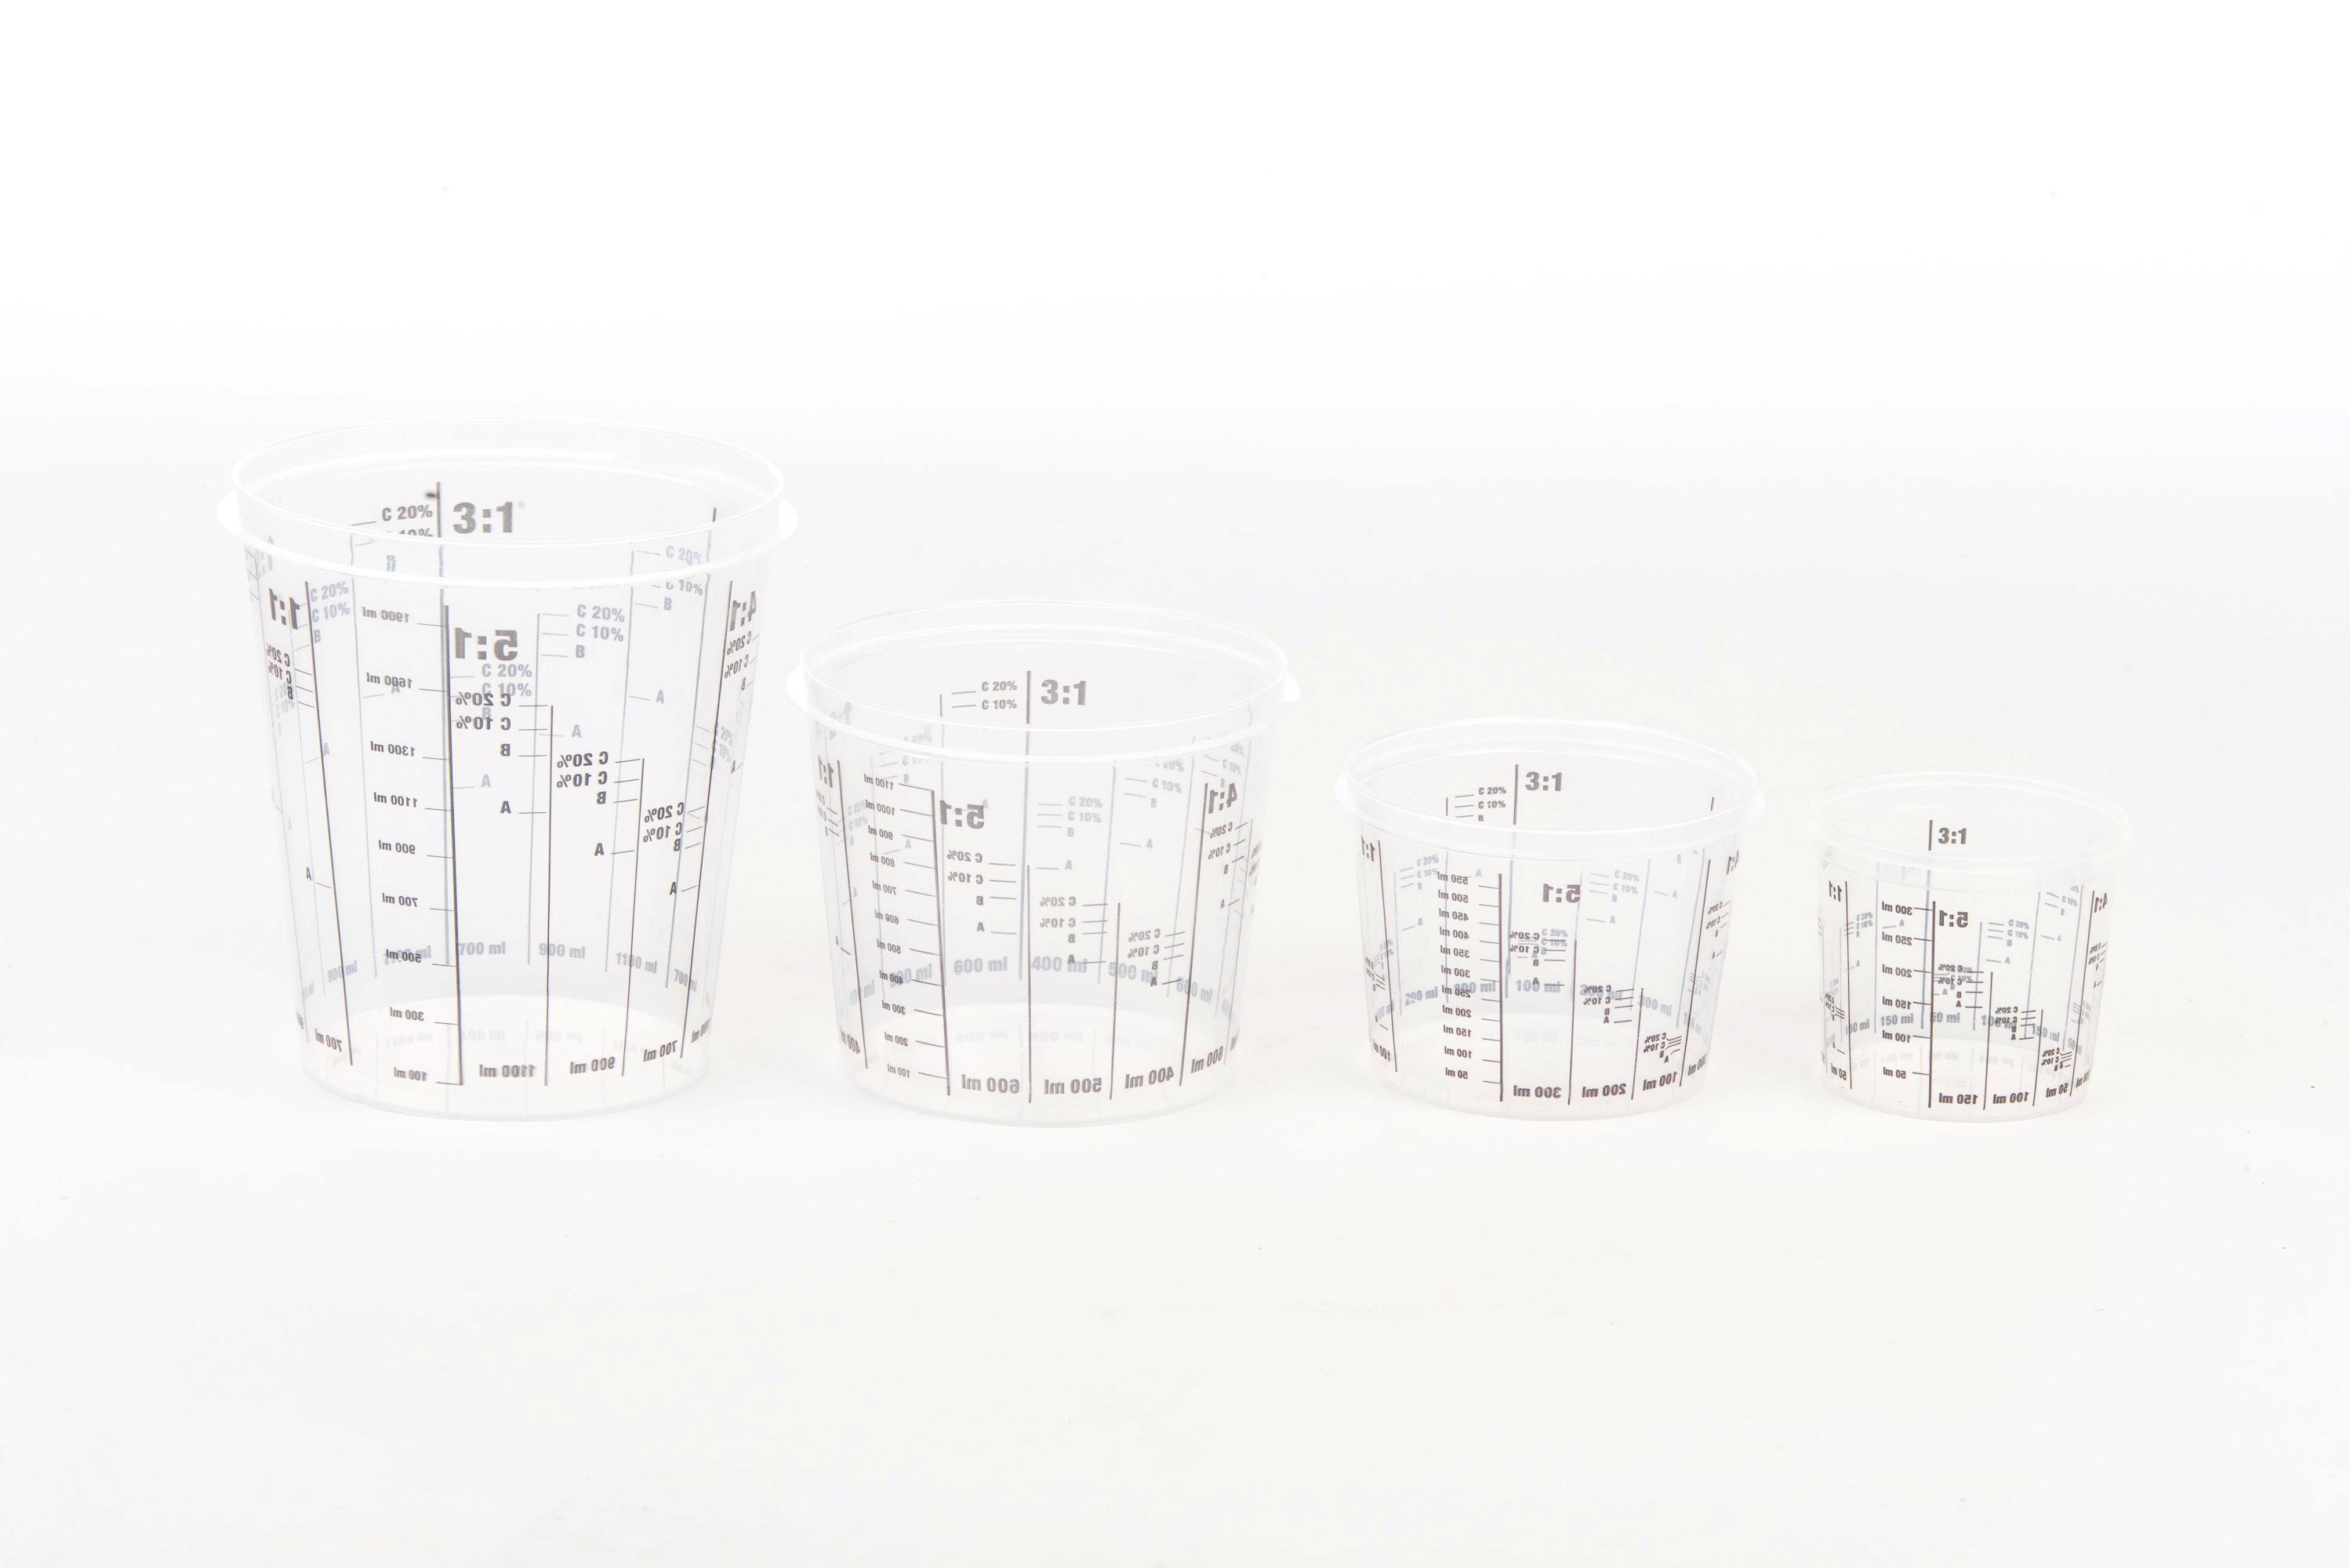 PVC Mischbecher mit Skala 750 ml 1:1-2:1-3:1-4:1-5:1